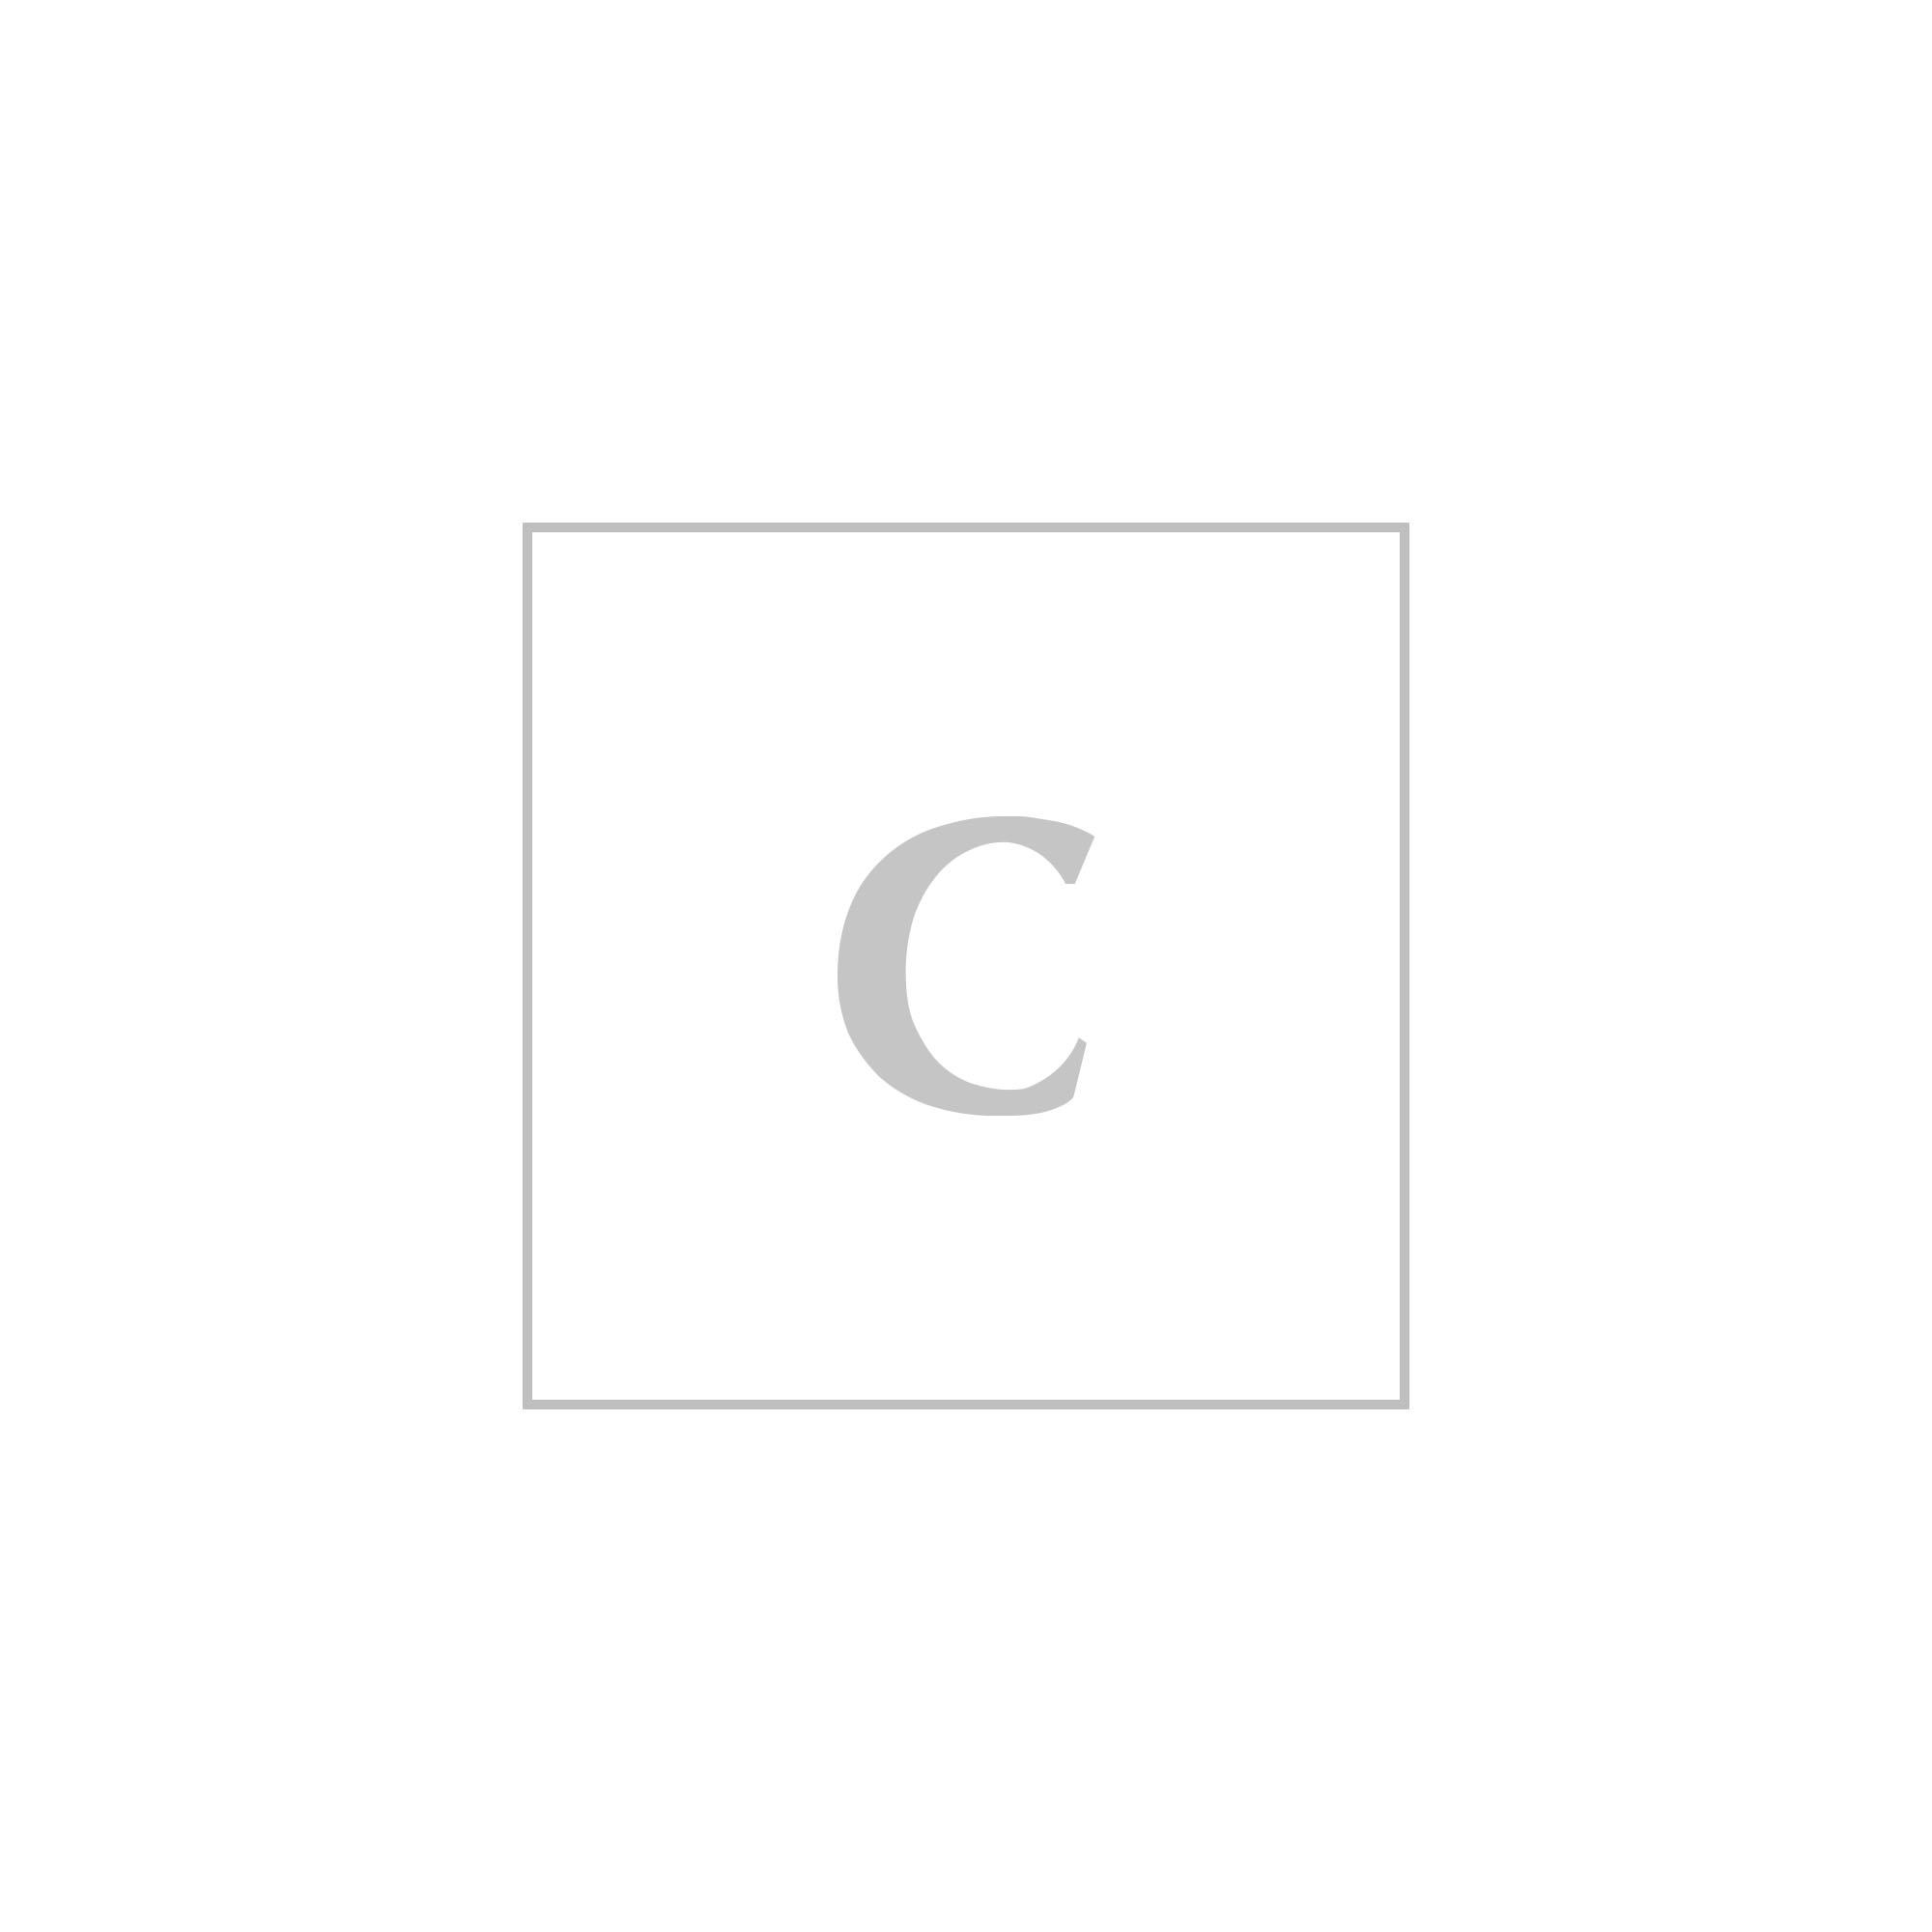 Carhartt camouflage logo jacket